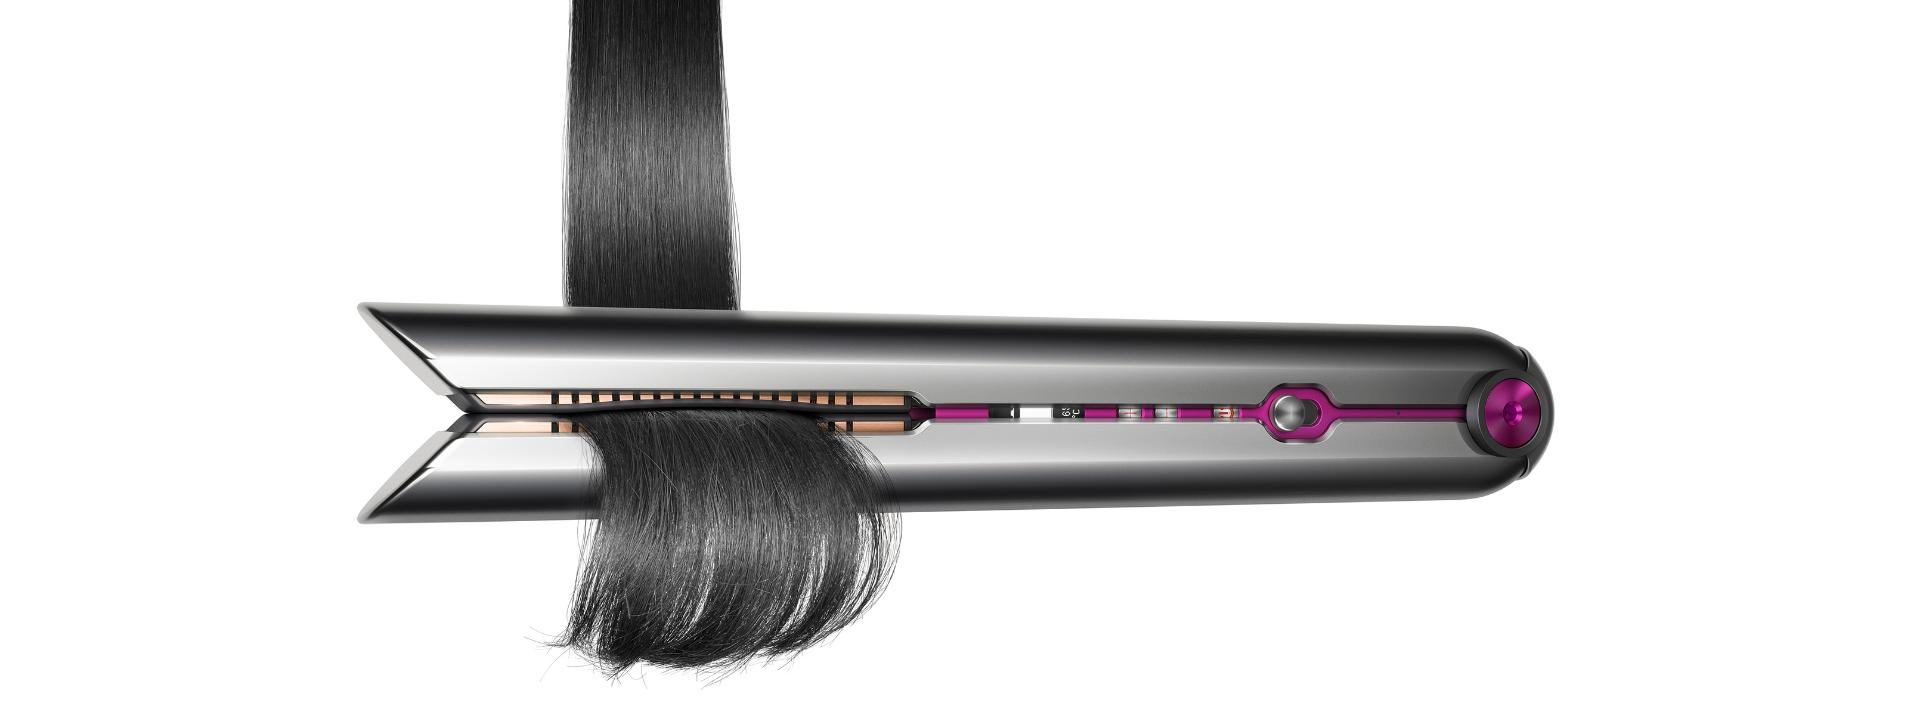 Srovnání žehličky na vlasy Dyson Corrale s destičkami konvenční technologie